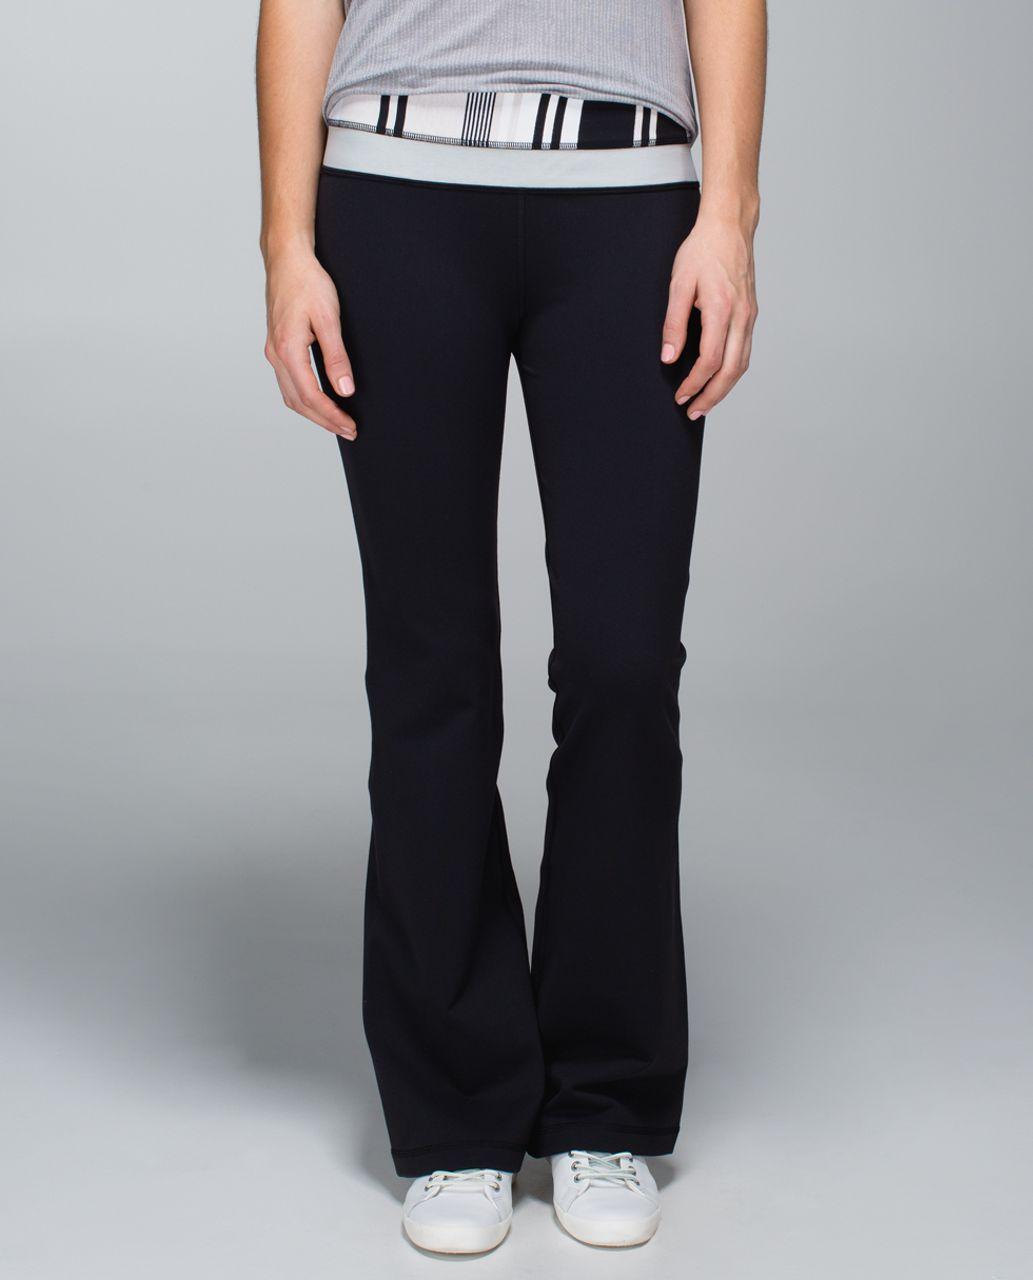 Lululemon Groove Pant *Full-On Luon (Regular) - Black / Groovy Stripe Static Wave Dune / Heathered Light Grey